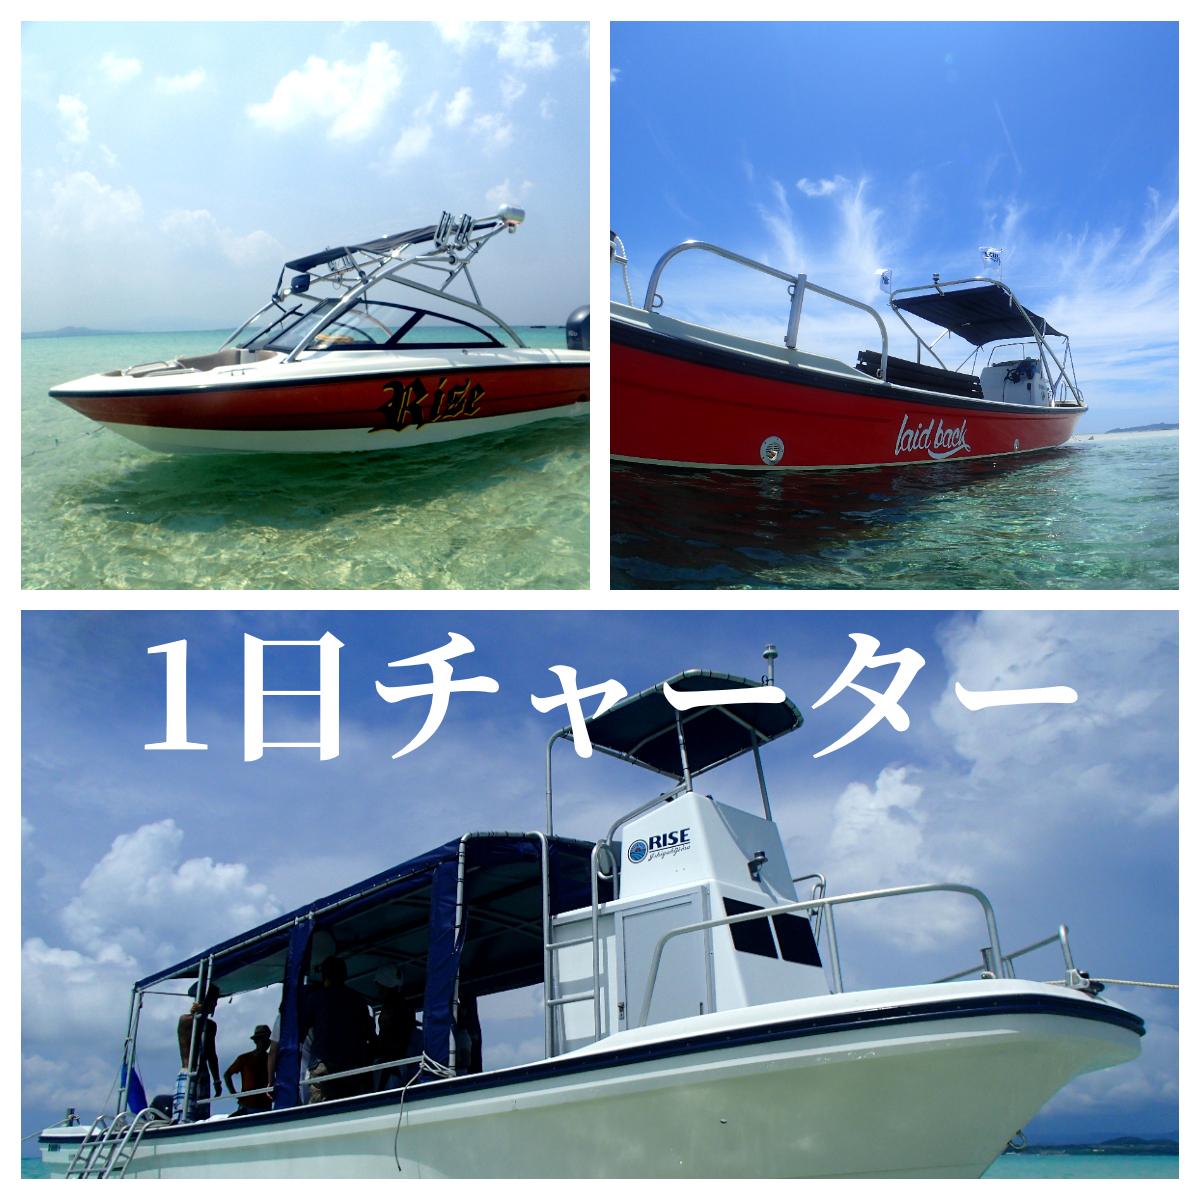 【1日コース】完全貸切!1DAYボートチャーターコース